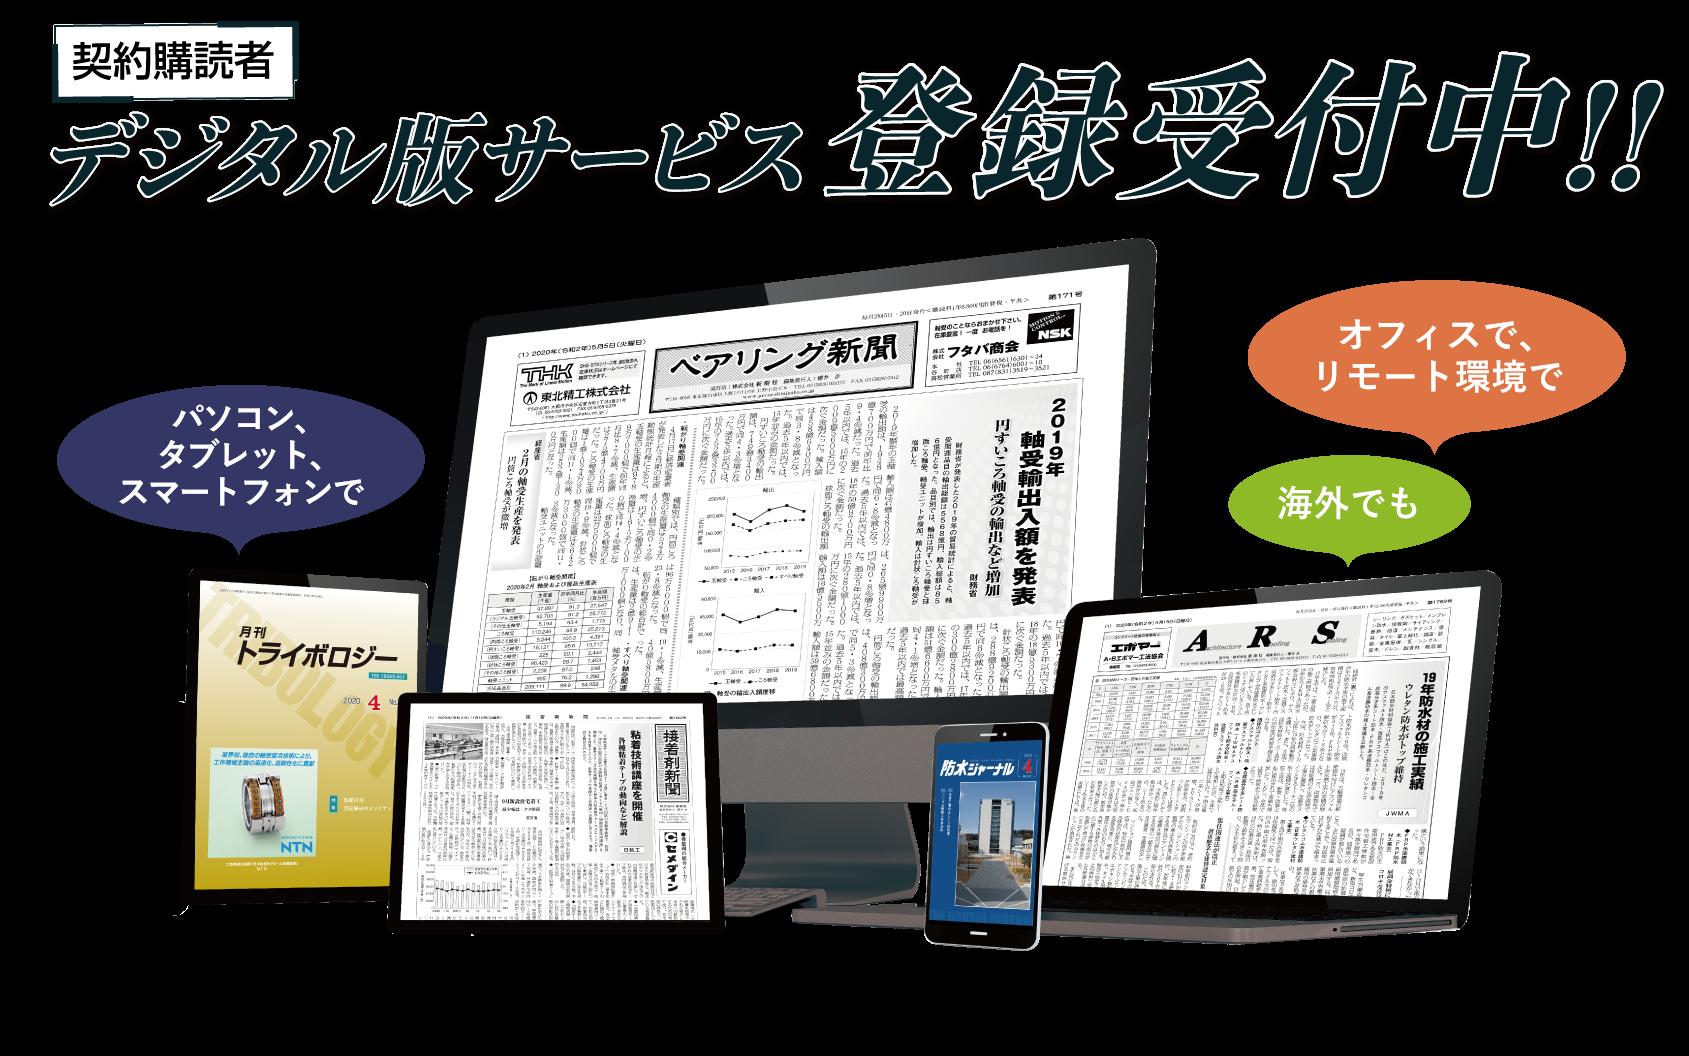 新樹社デジタル版サービス_登録受付中